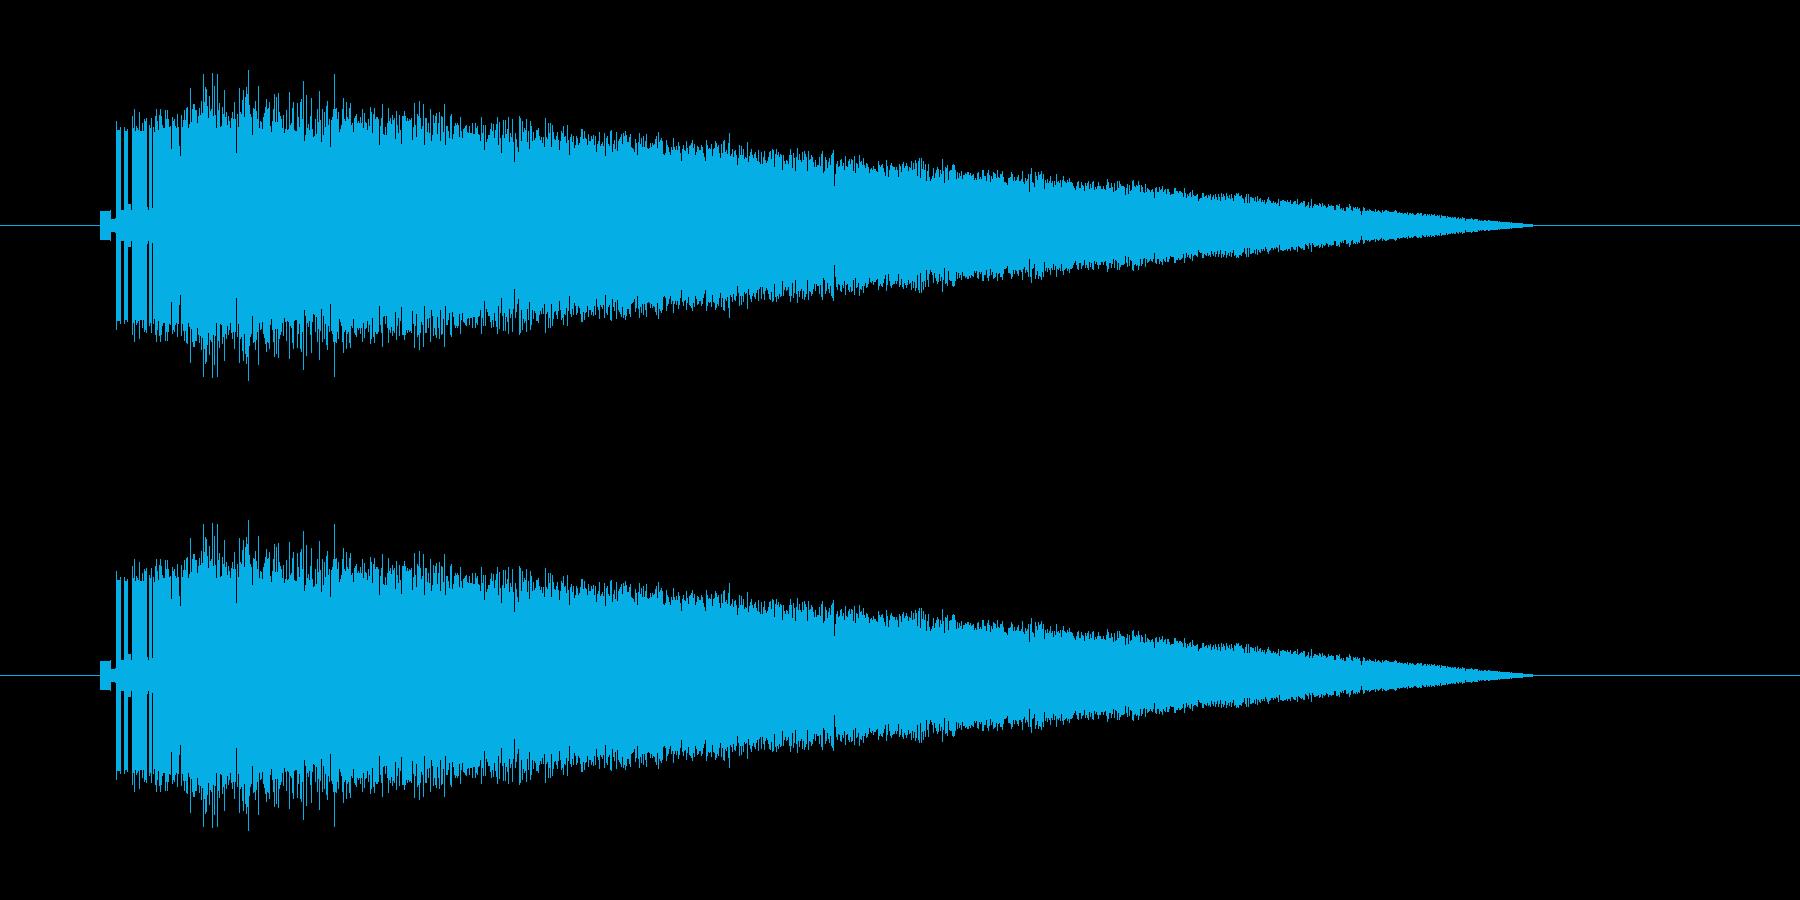 レトロゲーム風魔法雷系1の再生済みの波形